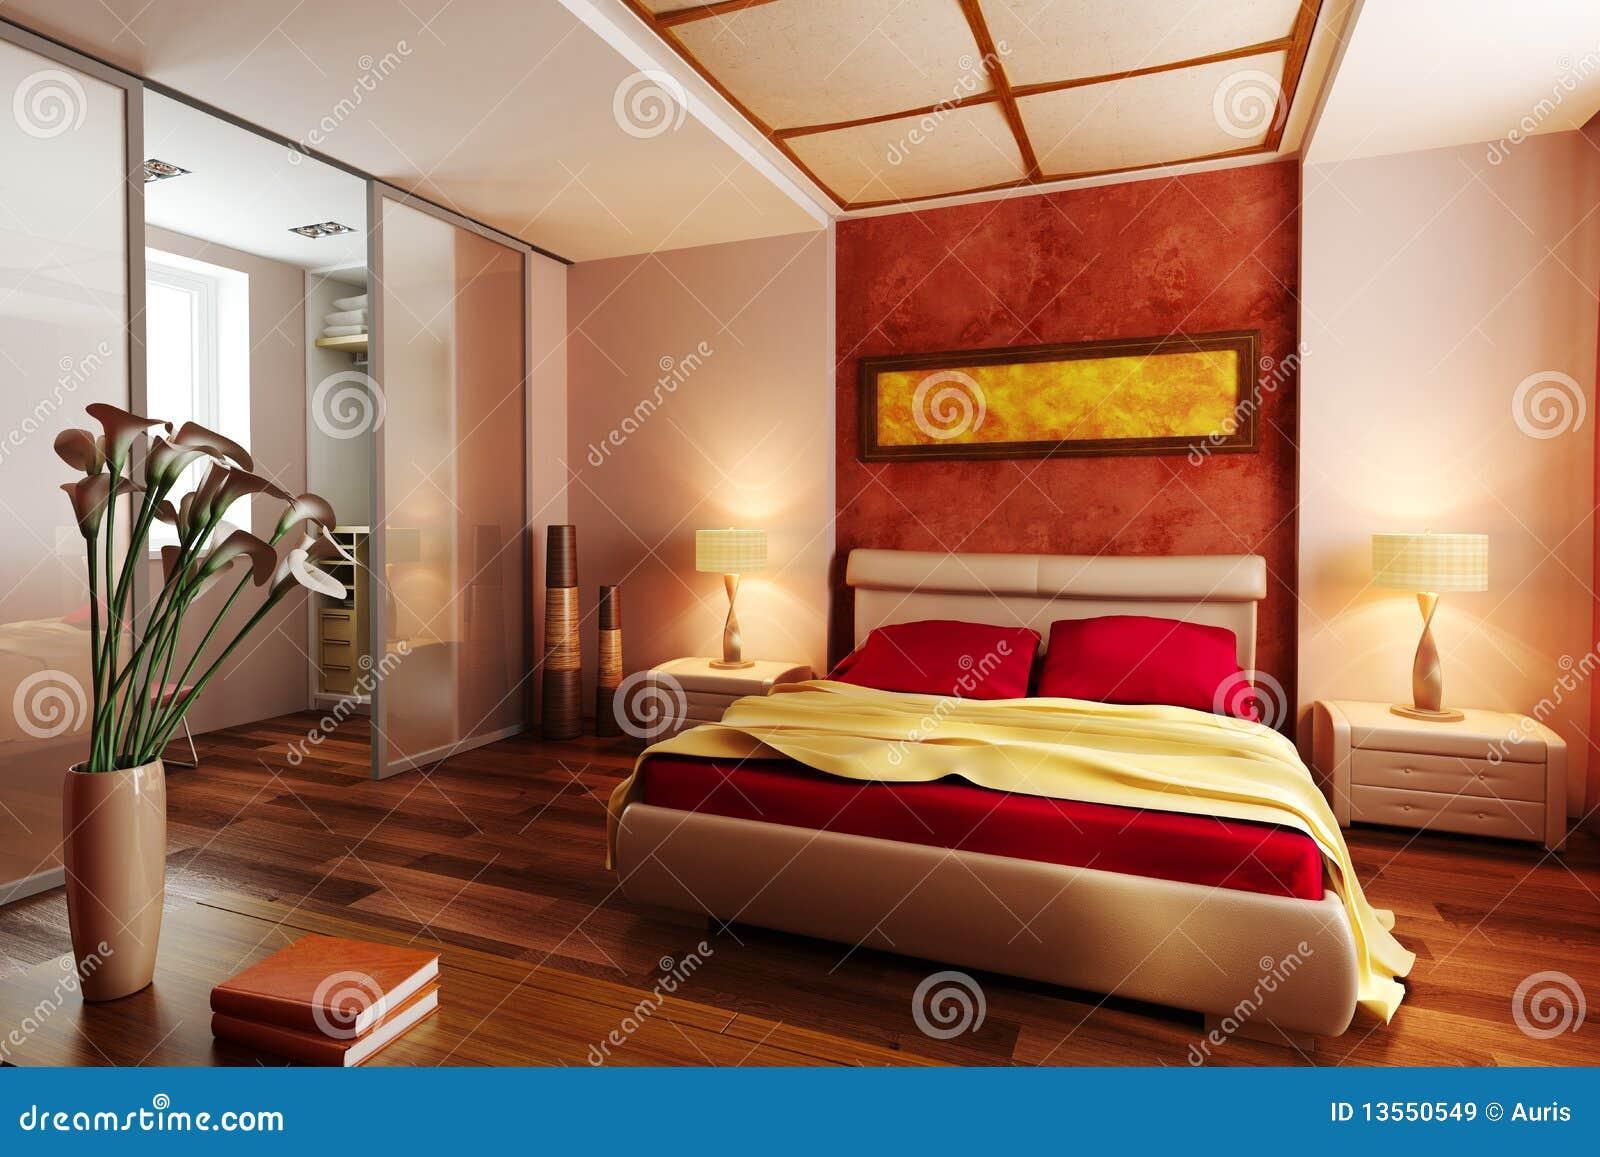 Chambre coucher moderne 3d int rieur de type images for Interieur de chambre a coucher